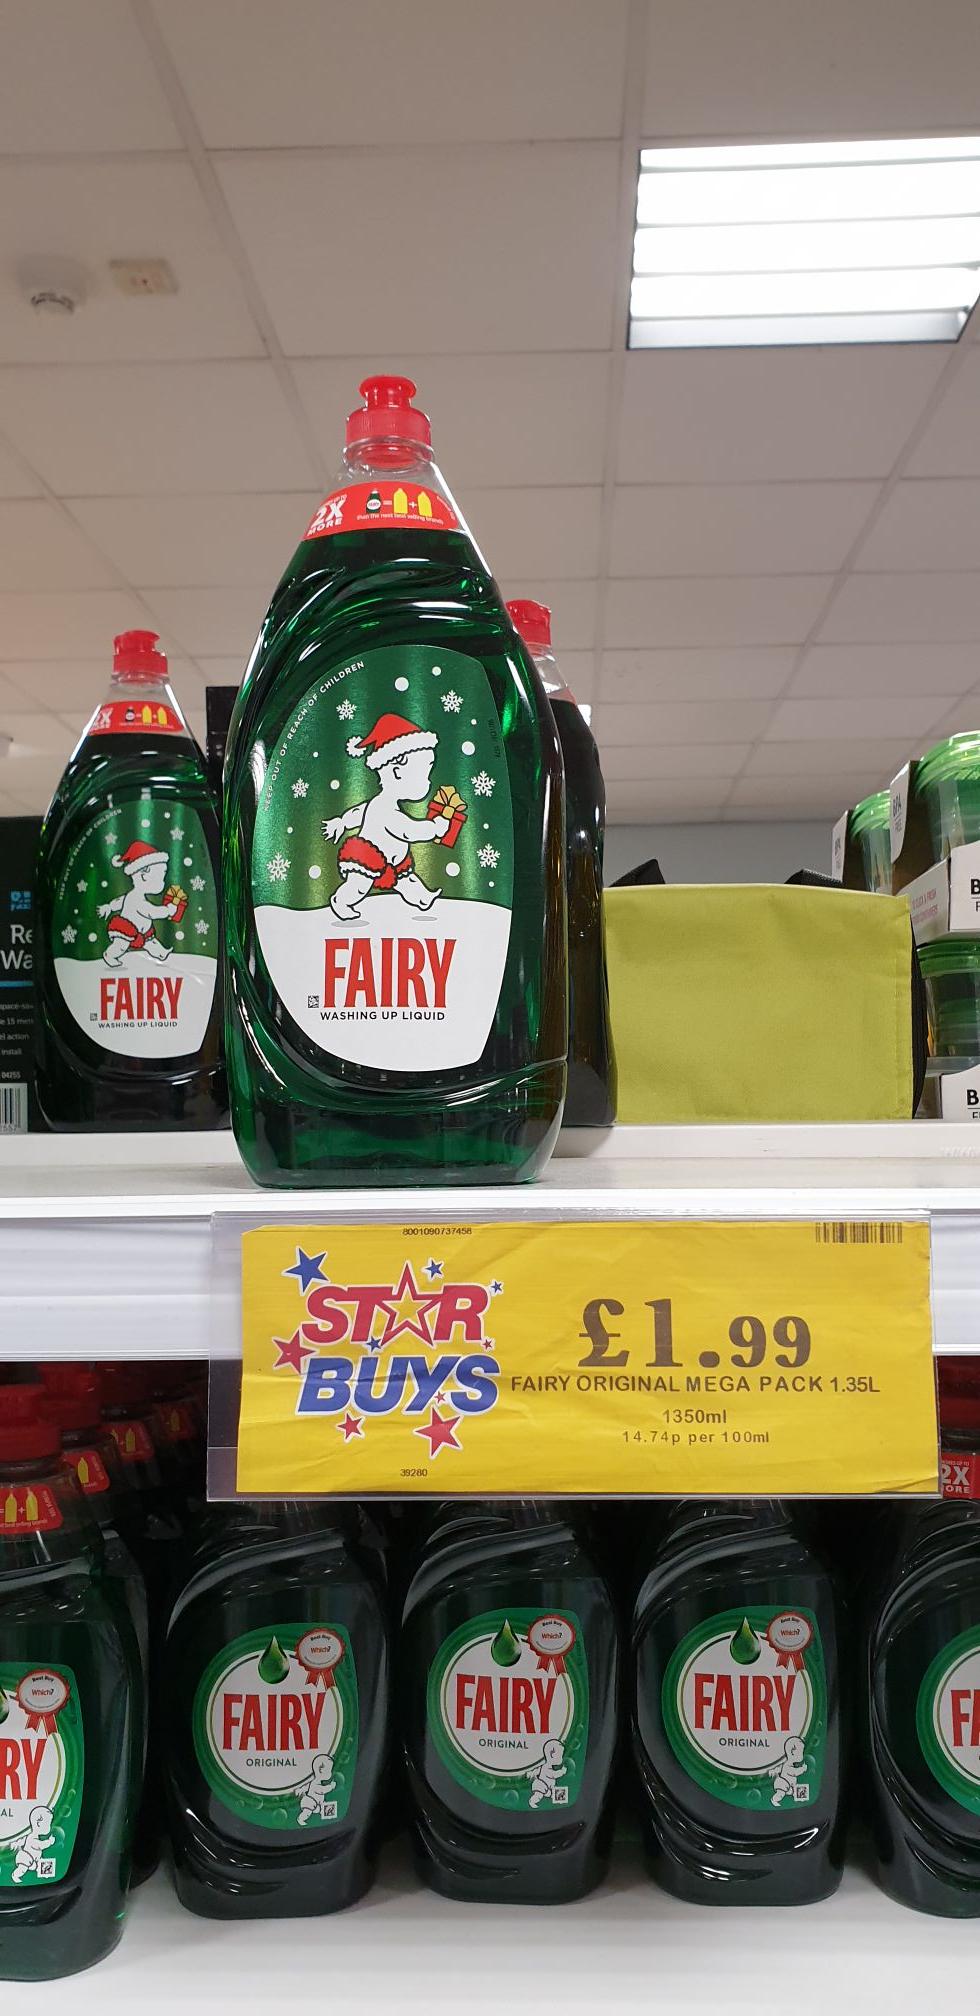 Fairy liquid 1.35L £1.99 instore @ Home Bargains